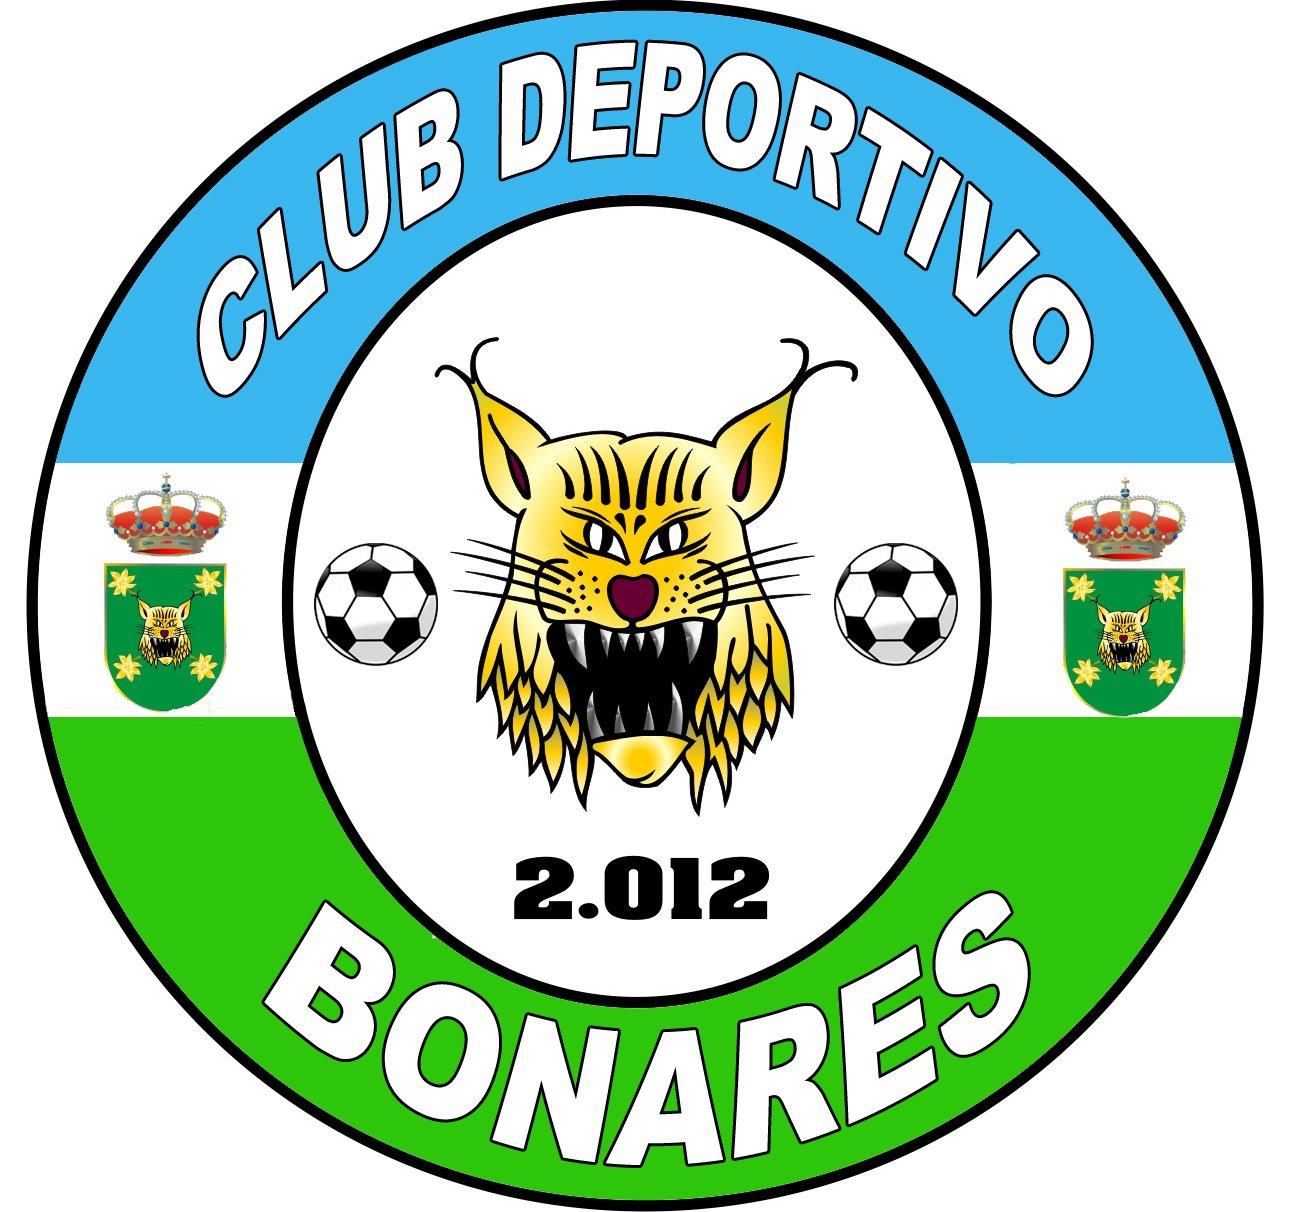 C.D.Bonares-Bonafru.